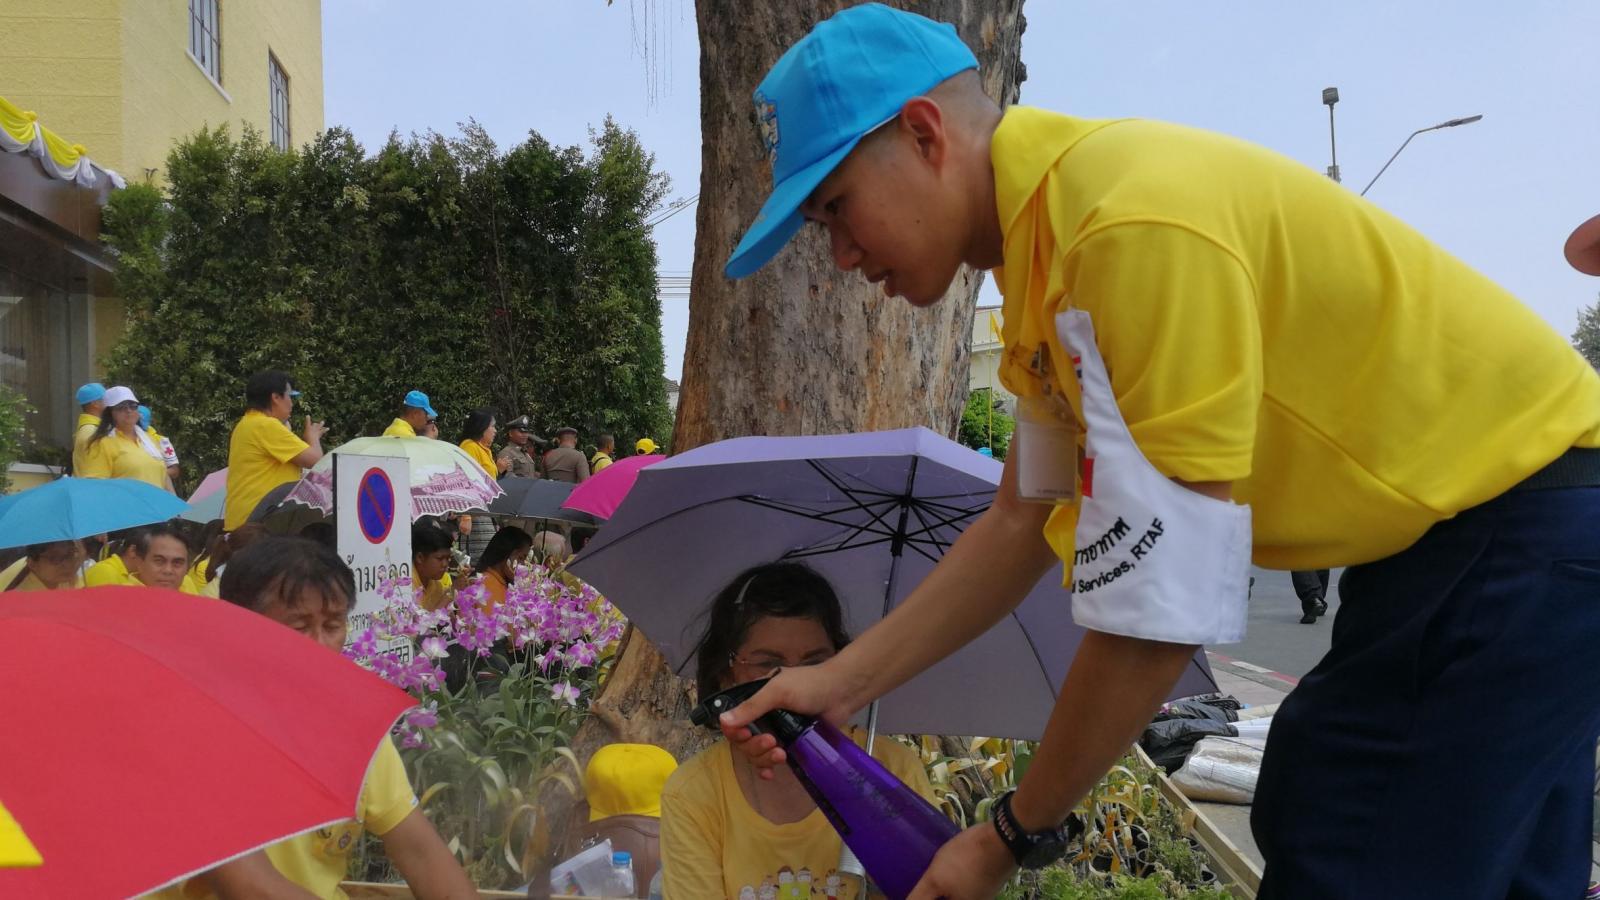 ปชช. กางร่ม-สวมหมวก จับจองพื้นที่ เฝ้ารับเสด็จฯ